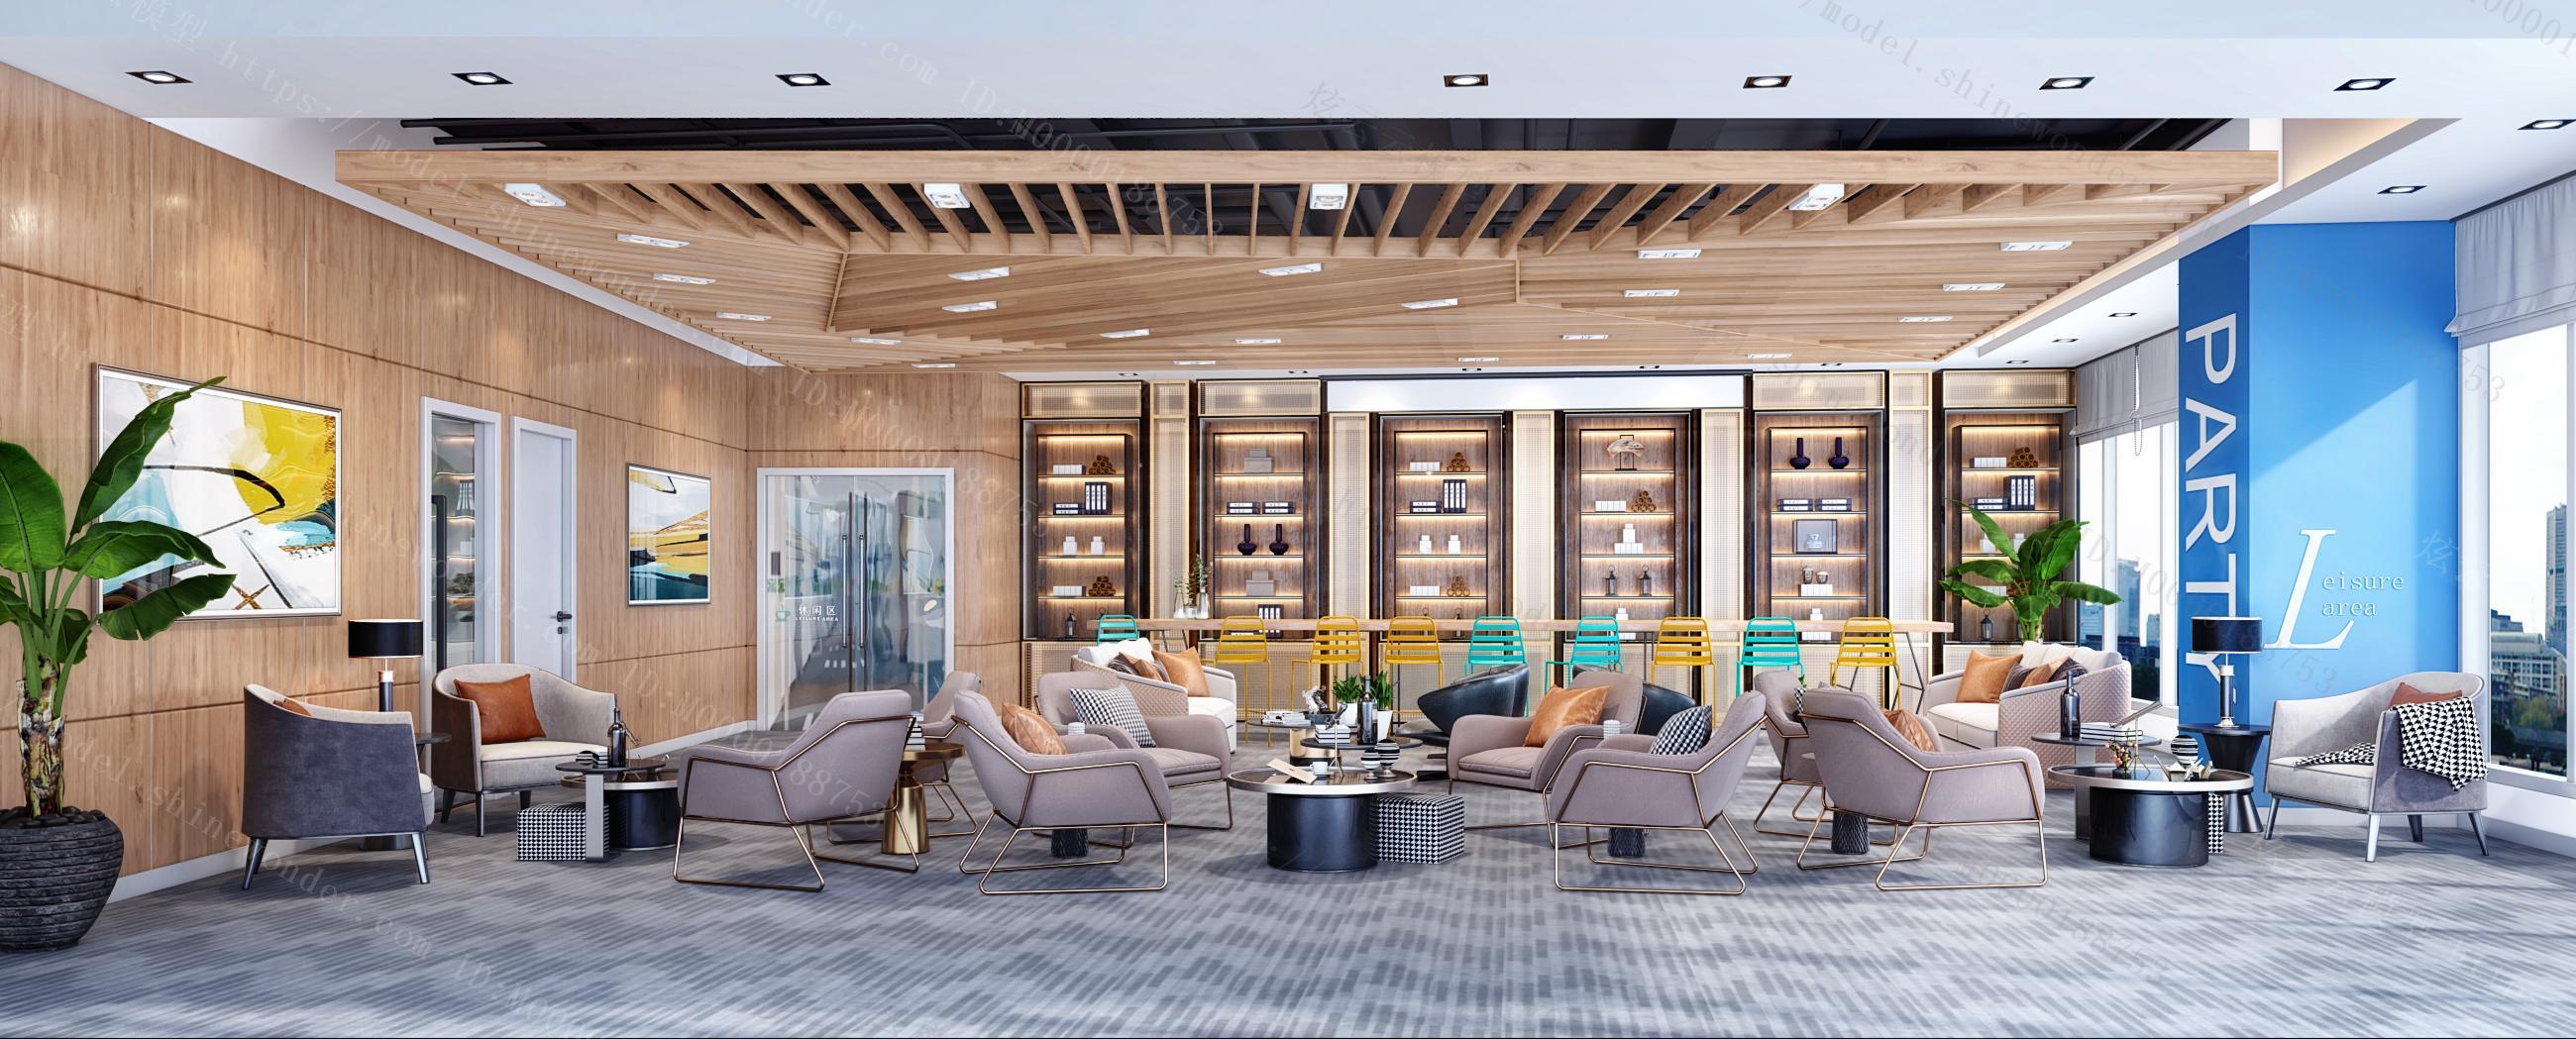 现代工业风贵宾休息区接待室酒柜吧台模型